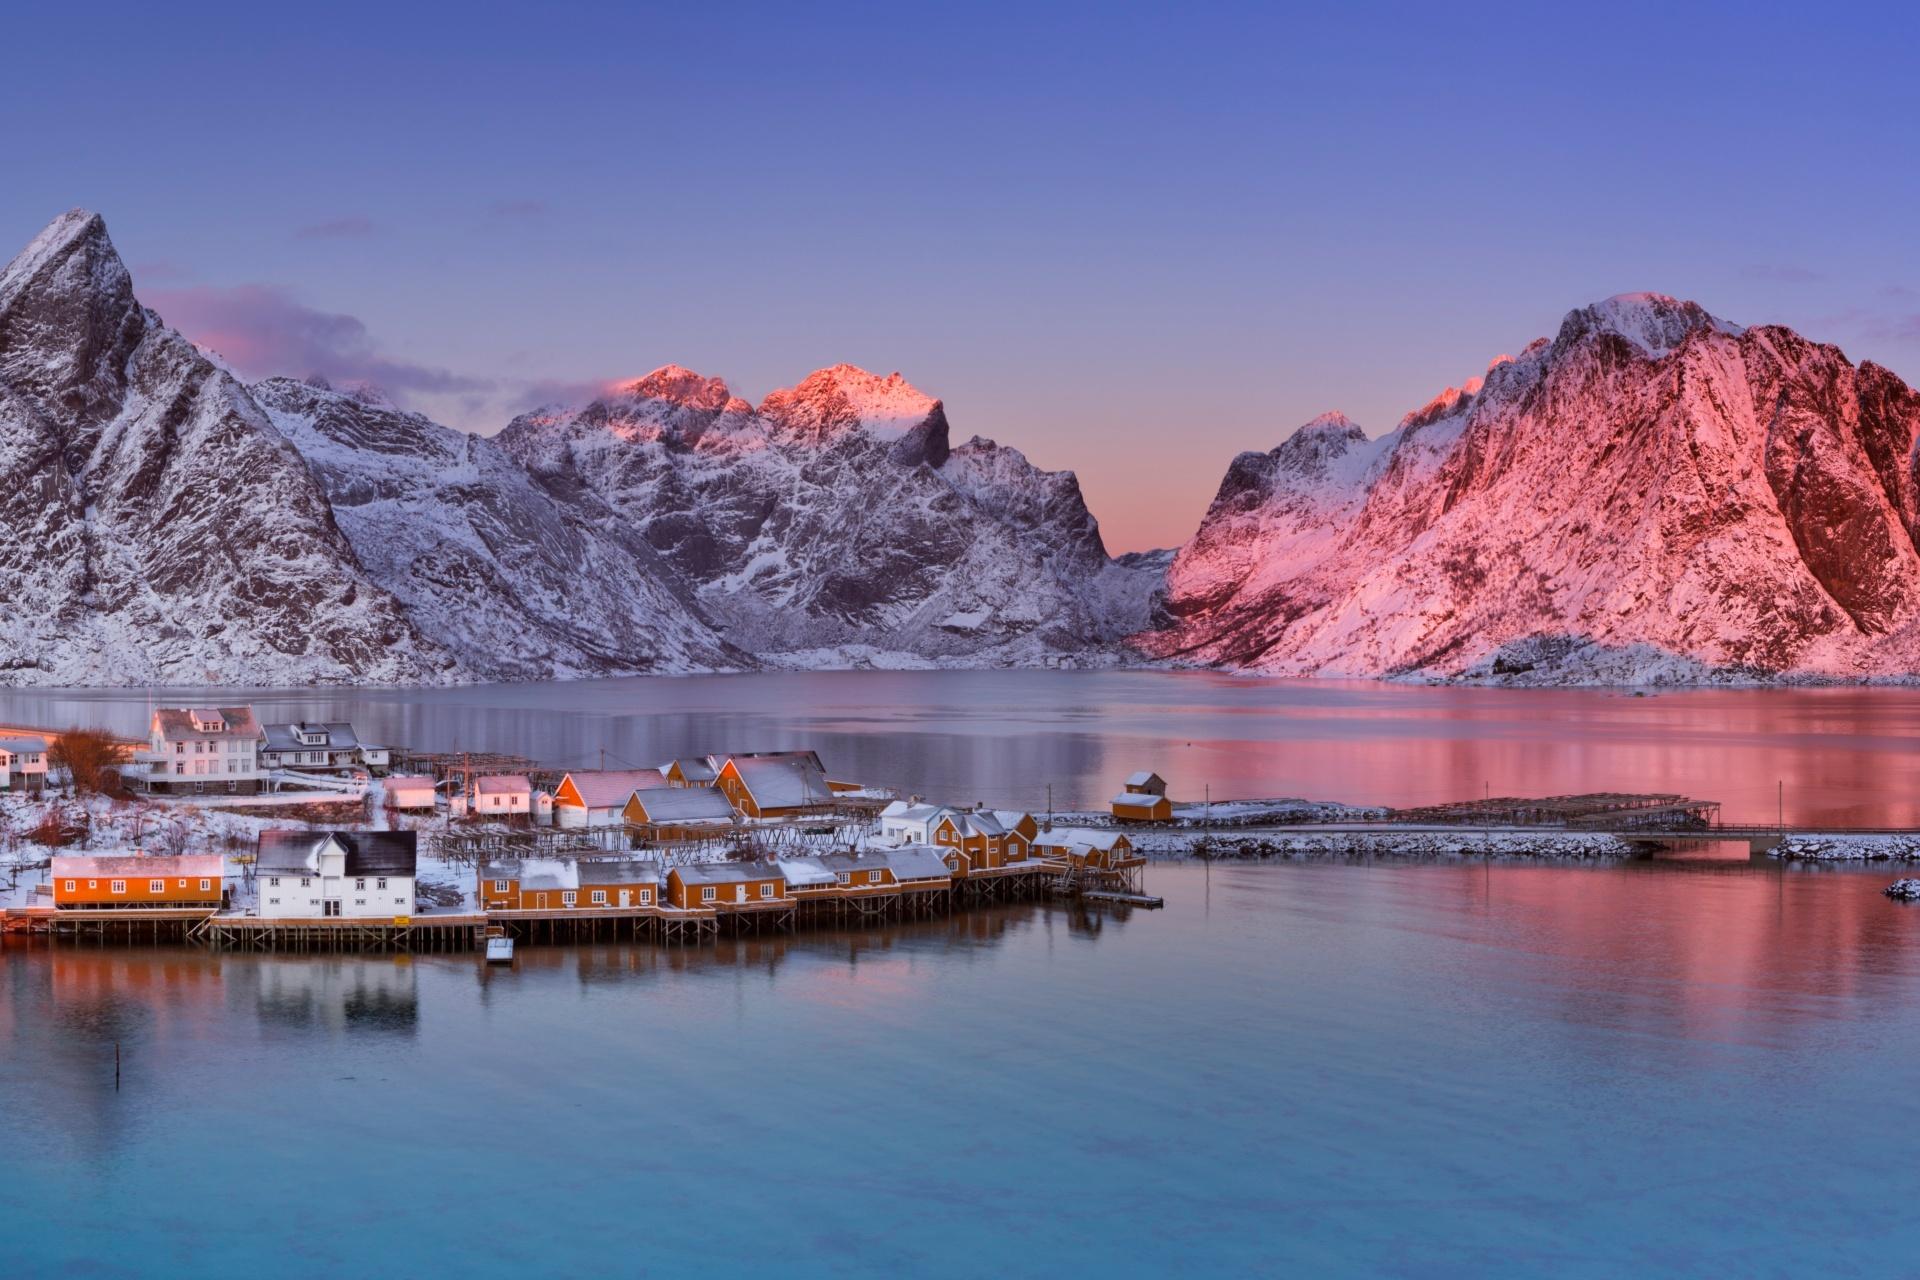 ロフォーテン諸島レーヌ村の冬の夕暮れの風景 ノルウェーの風景